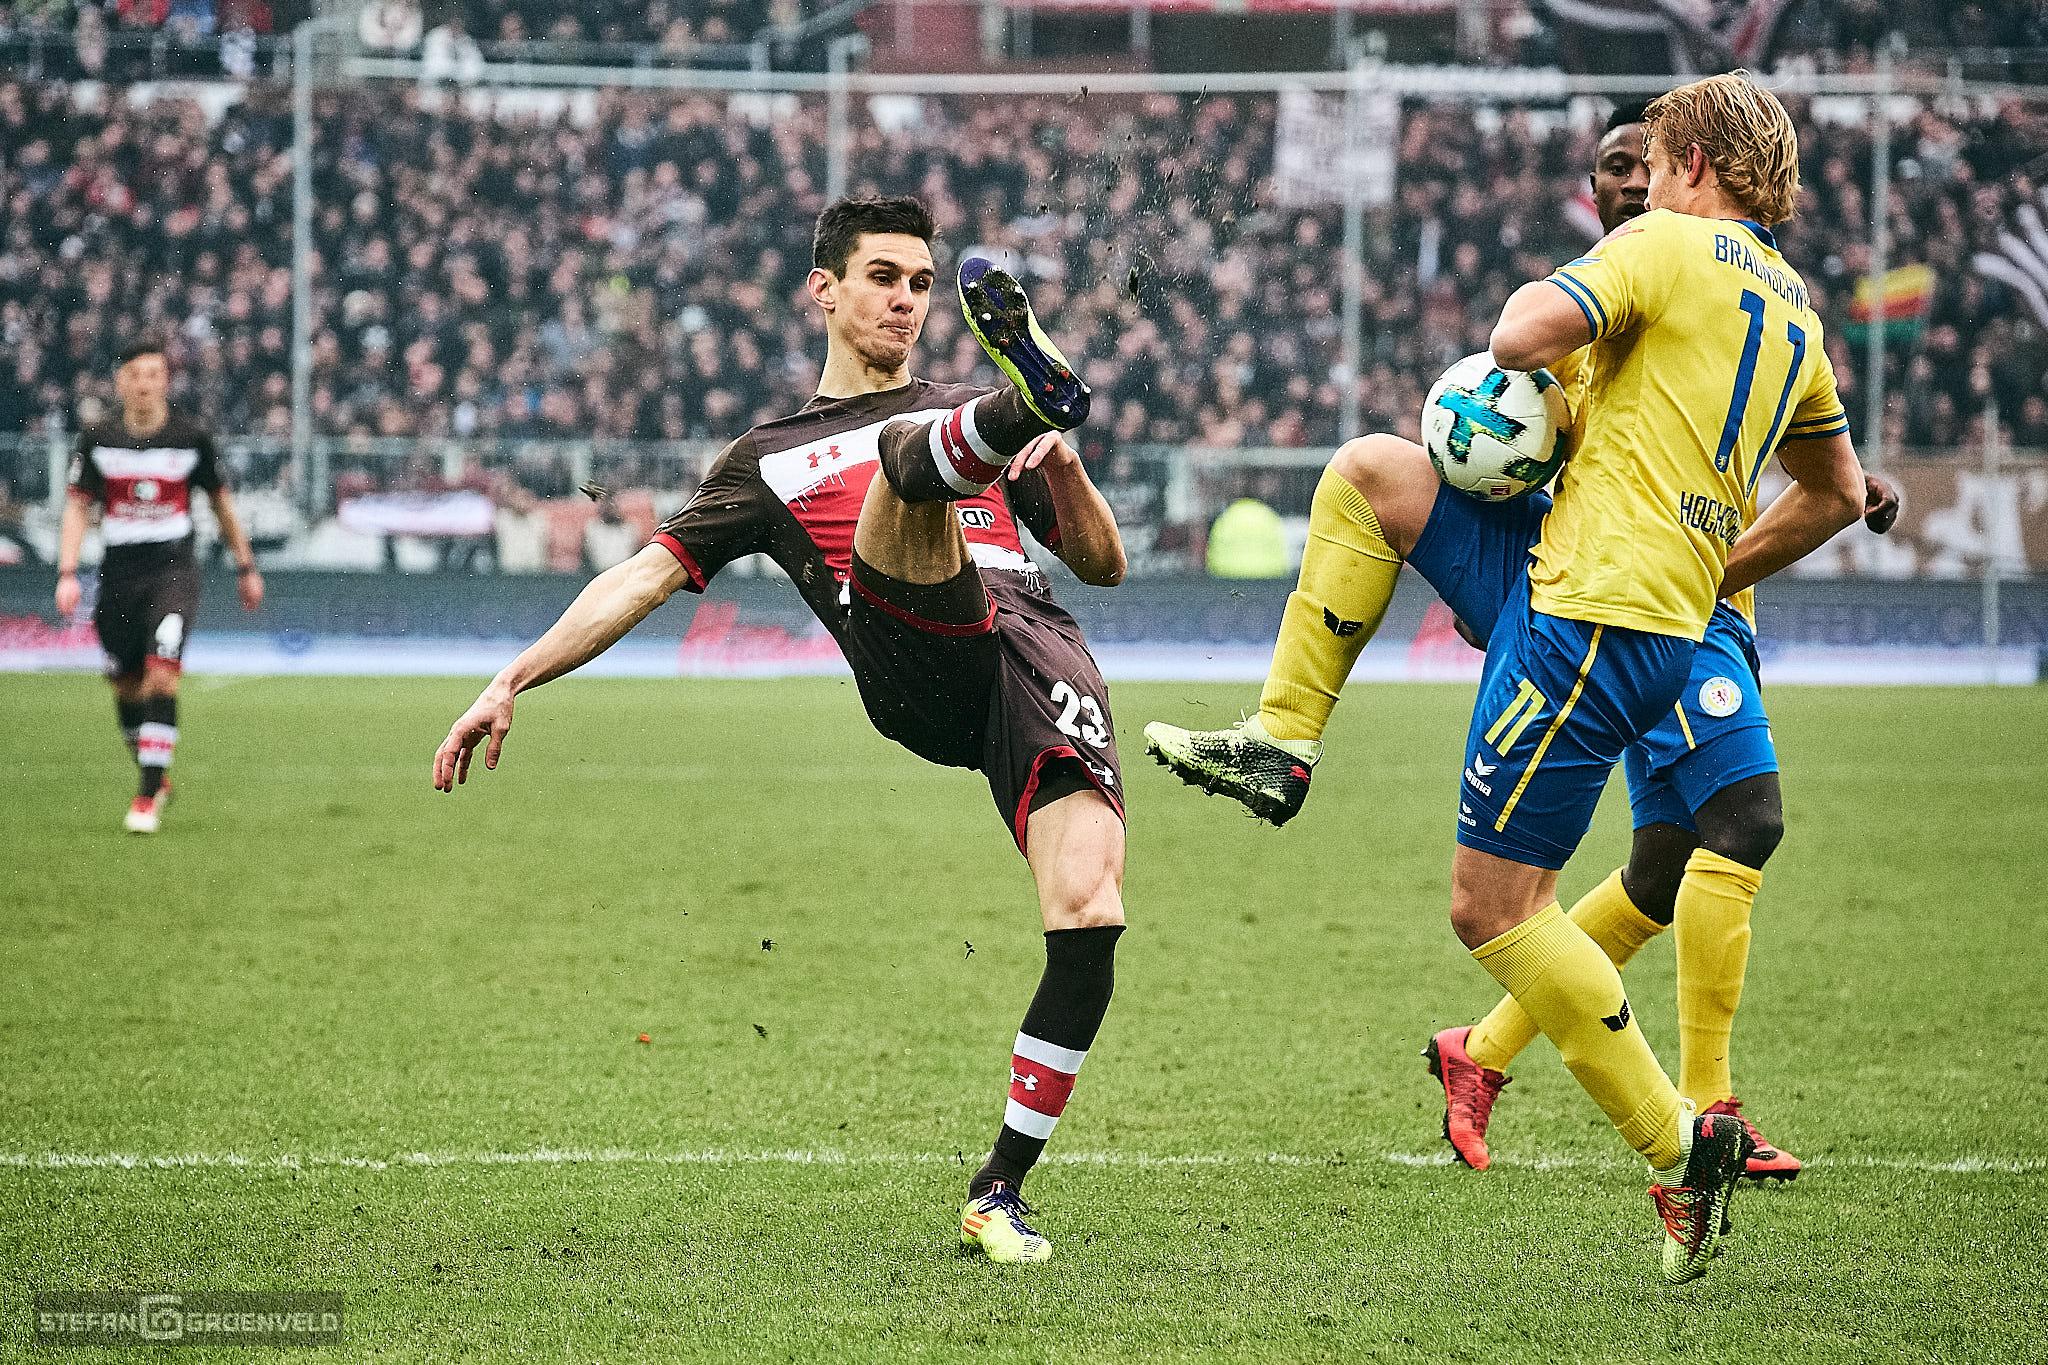 Vor dem Spiel – Eintracht Braunschweig (A) – Spieltag 10